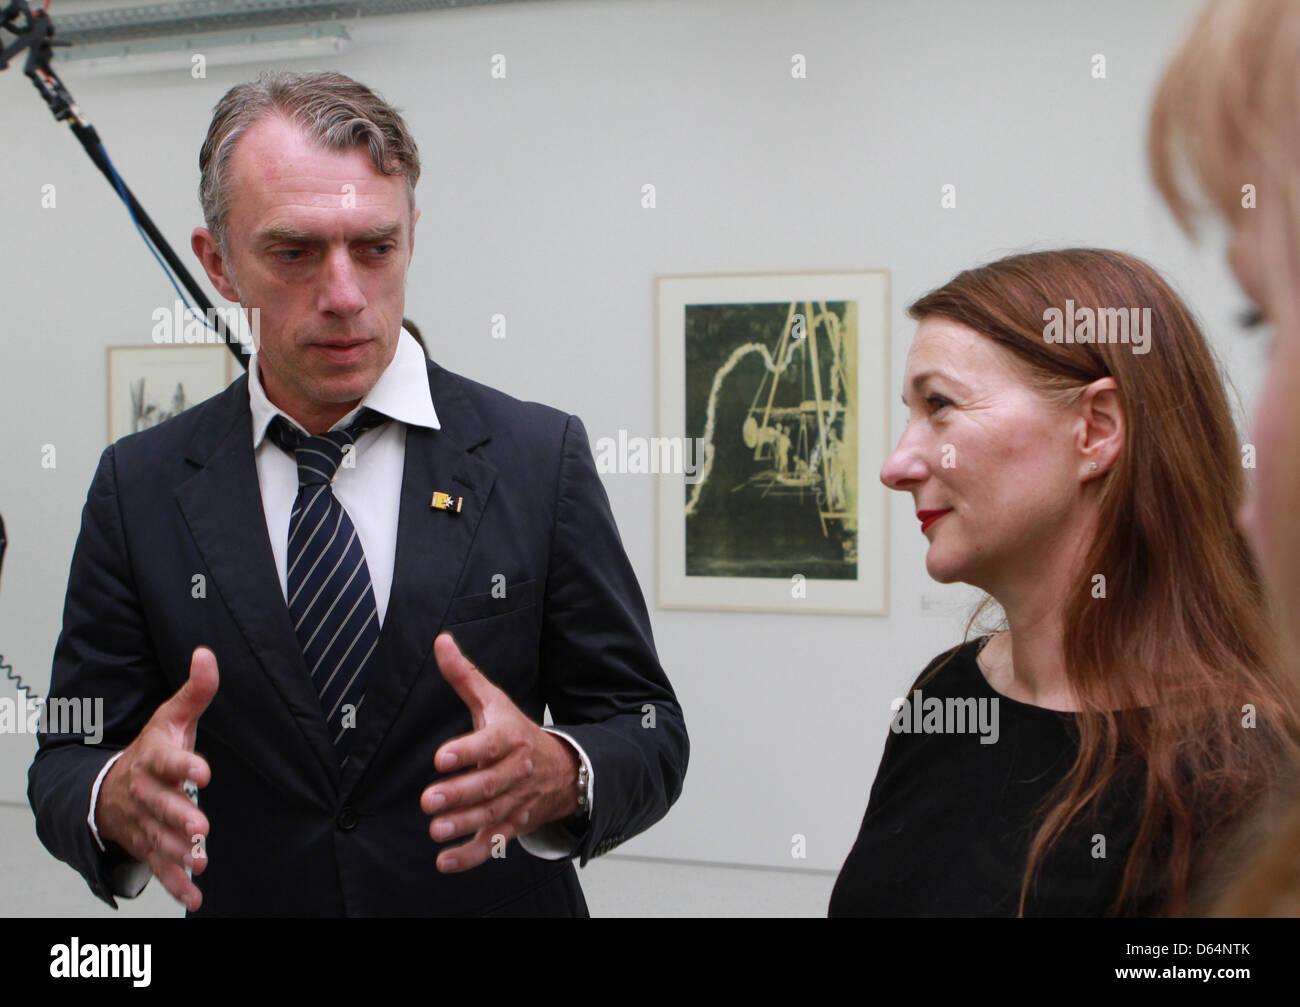 German artist Neo Rauch and his wife Rosa Loy (R) walk through the exhibition 'Neo Rauch. Das grafische Werk - Erster Stock Photo